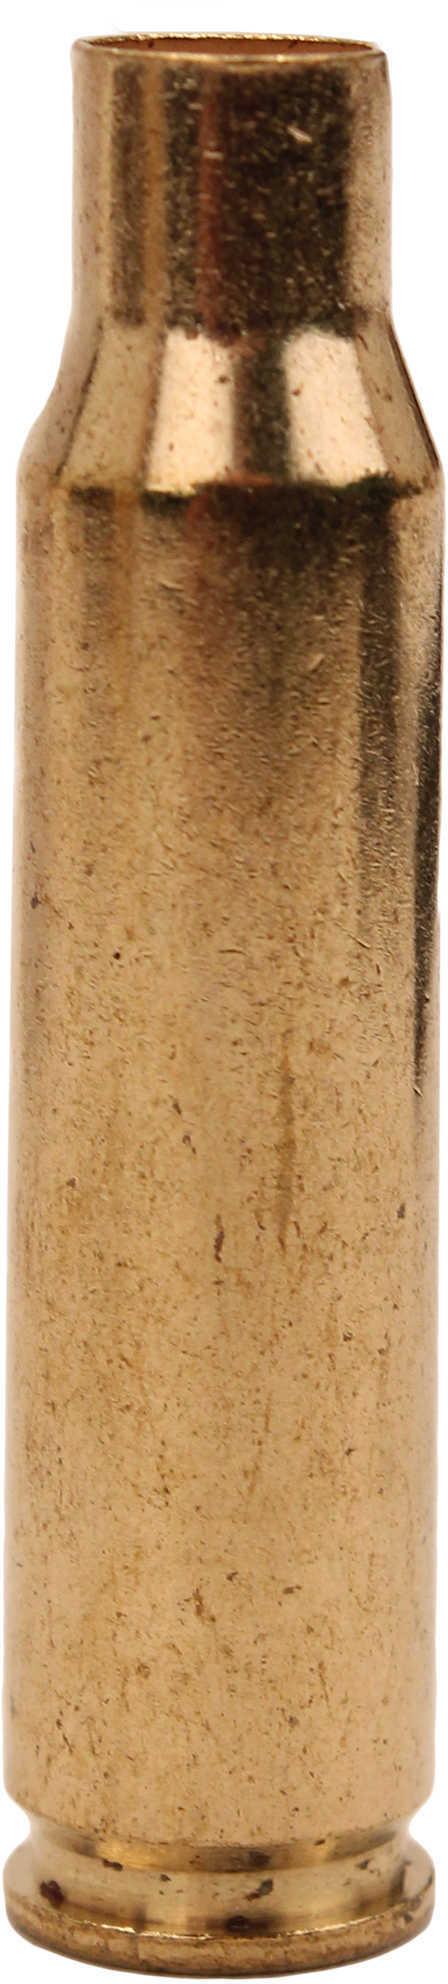 Unprimed Brass 308 Winchester Per 50 Md: WSC308Wu